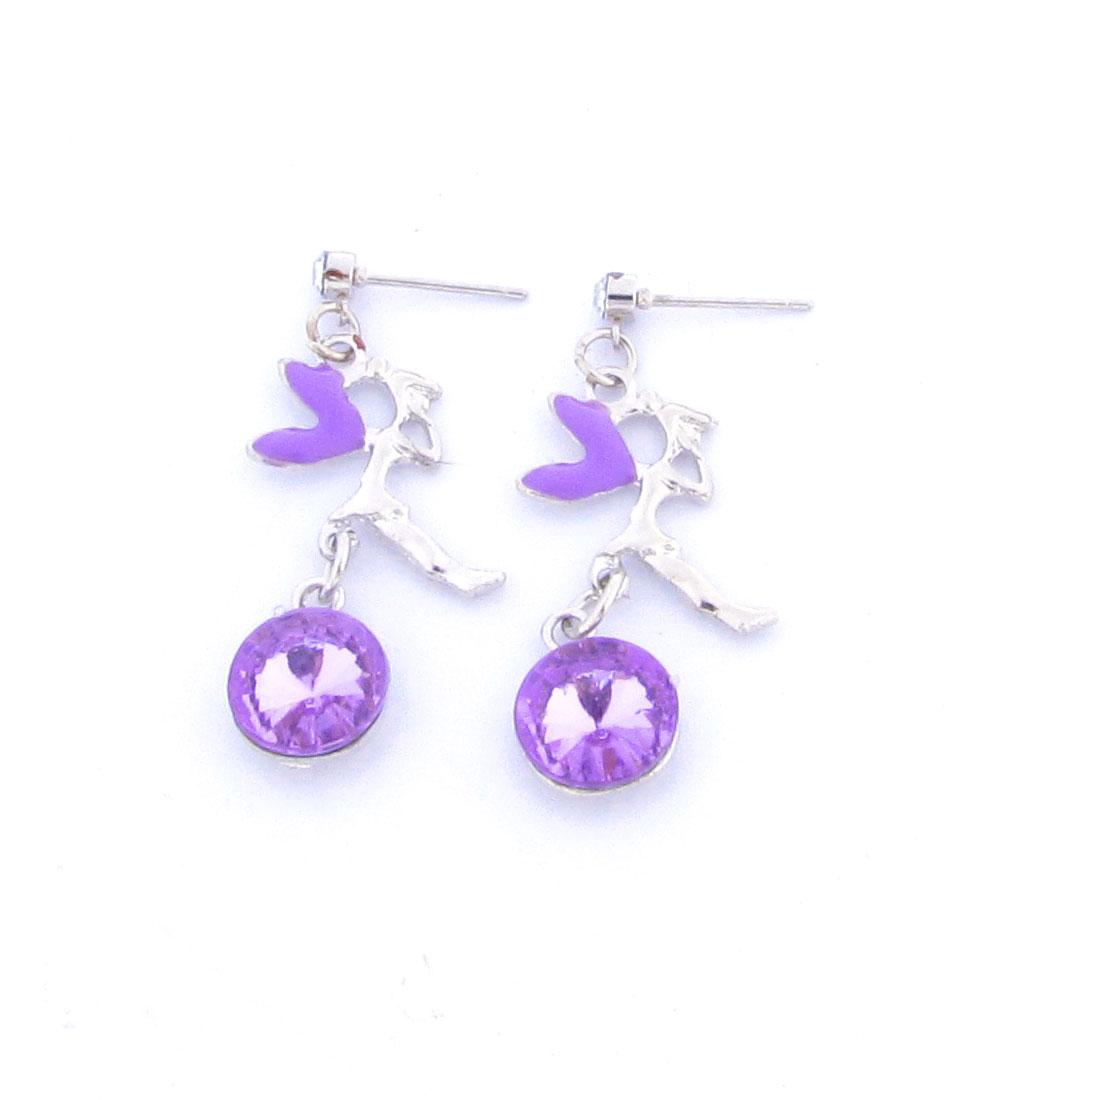 Lady Silver Tone Plastic Angel Shaped Purple Crystal Detail Stud Earrings Pair